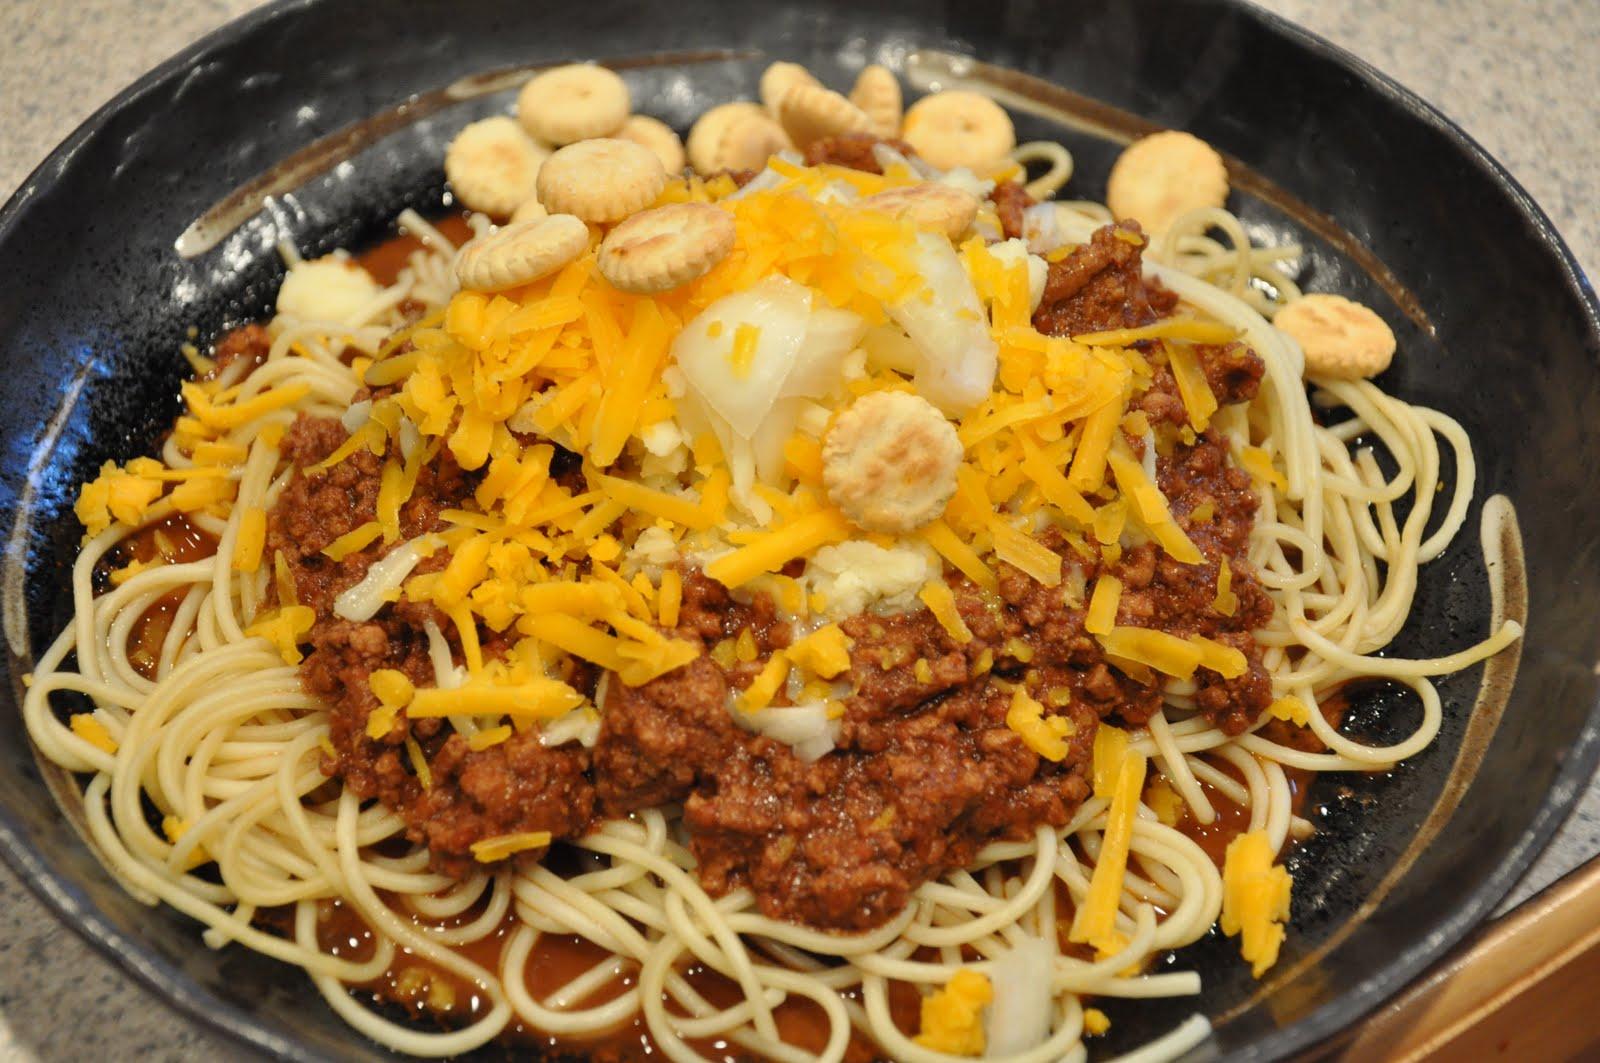 Cincinnati Chili With Spaghetti And Grated Cheese Recipes — Dishmaps